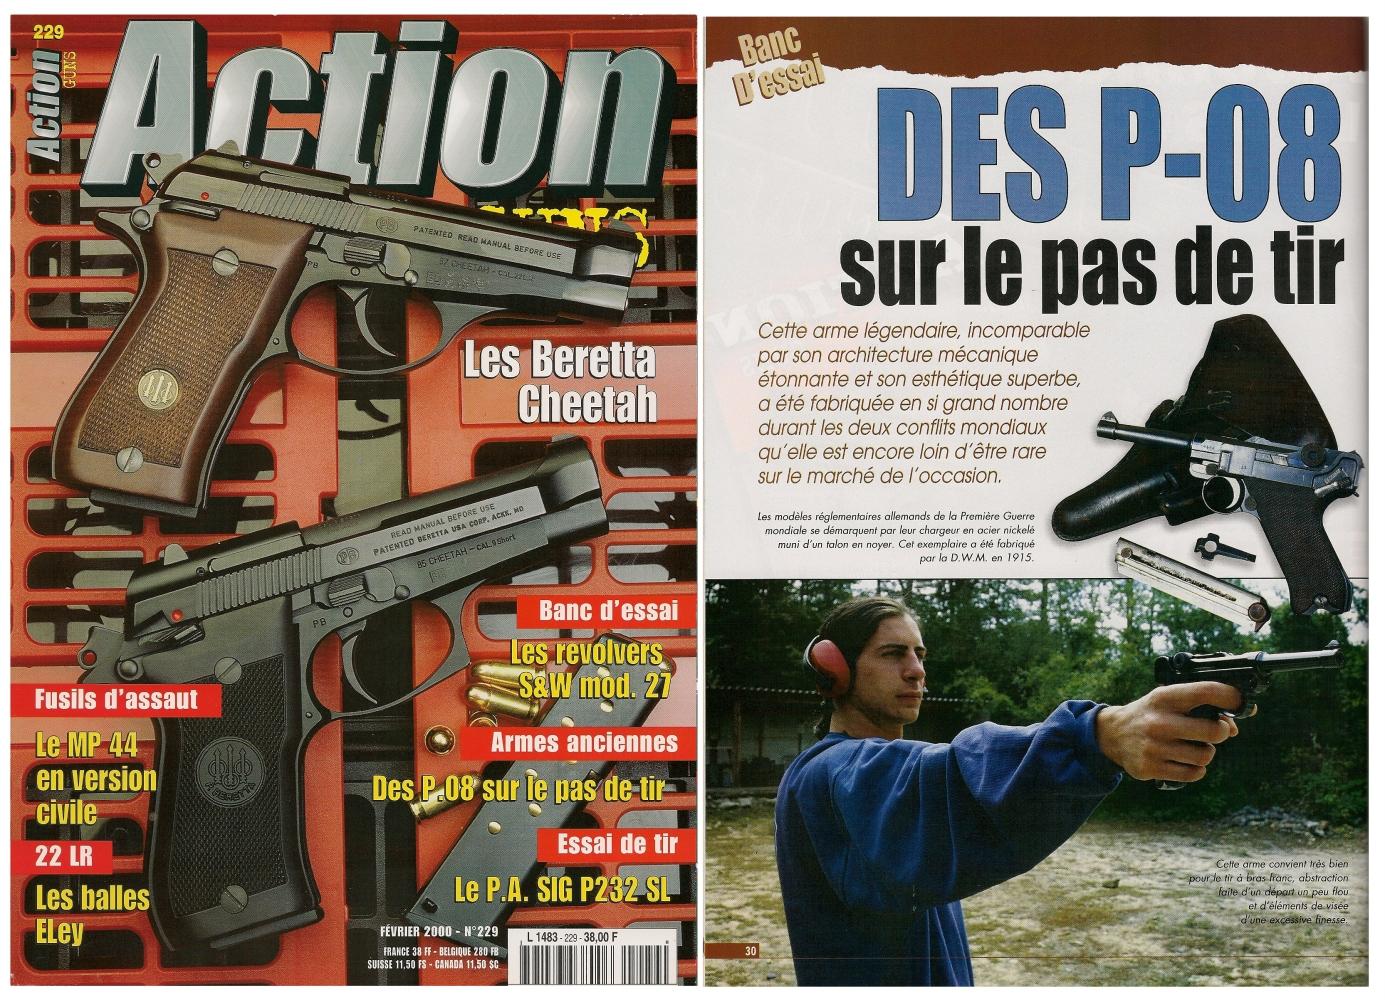 Le banc d'essai des pistolets P-08 a été publié sur 6 pages dans le magazine Action Guns n°229 (février 2000).